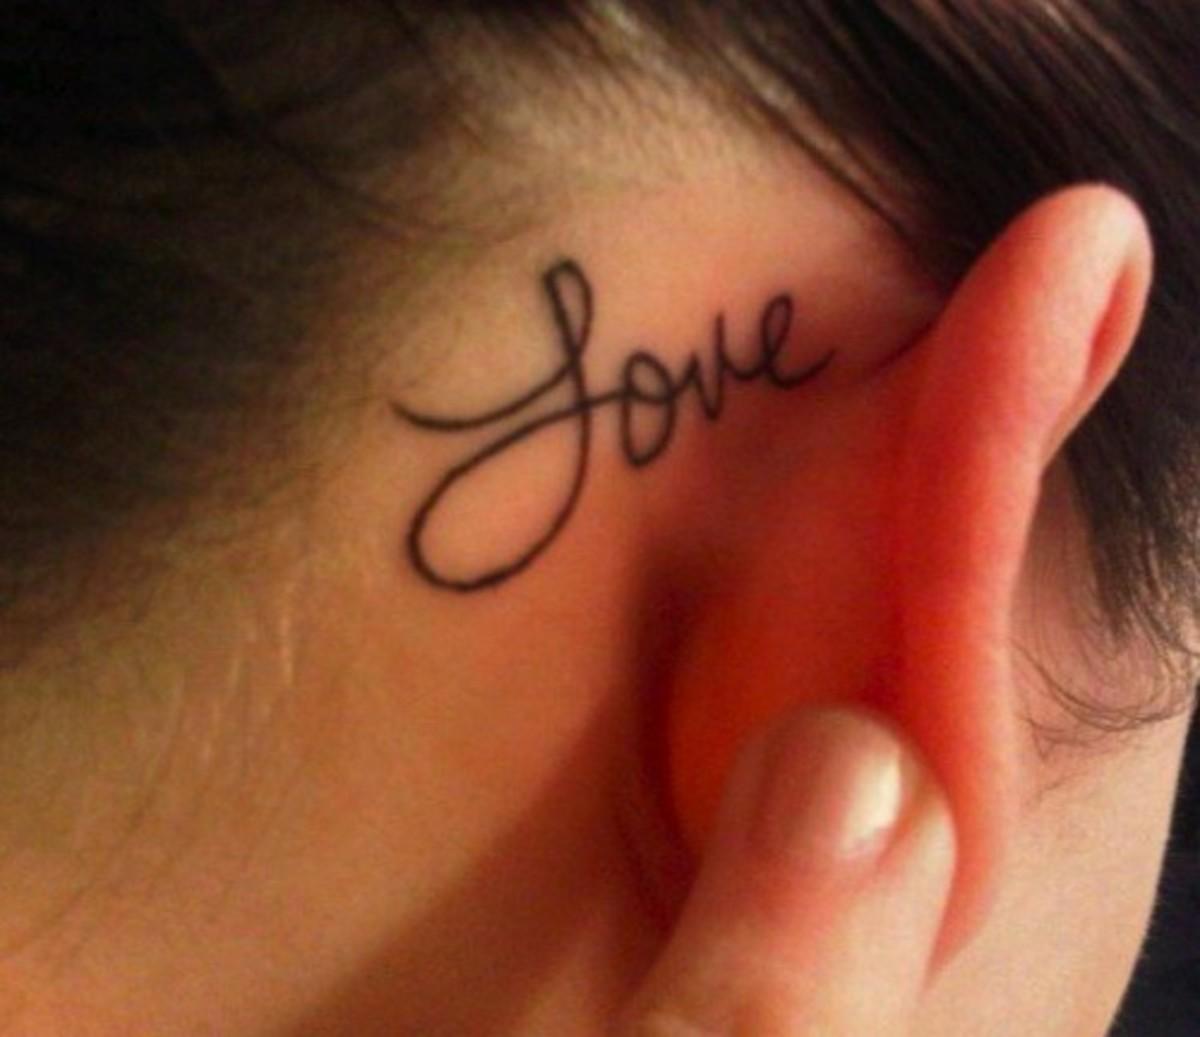 Scripting of words of love, hope and belief